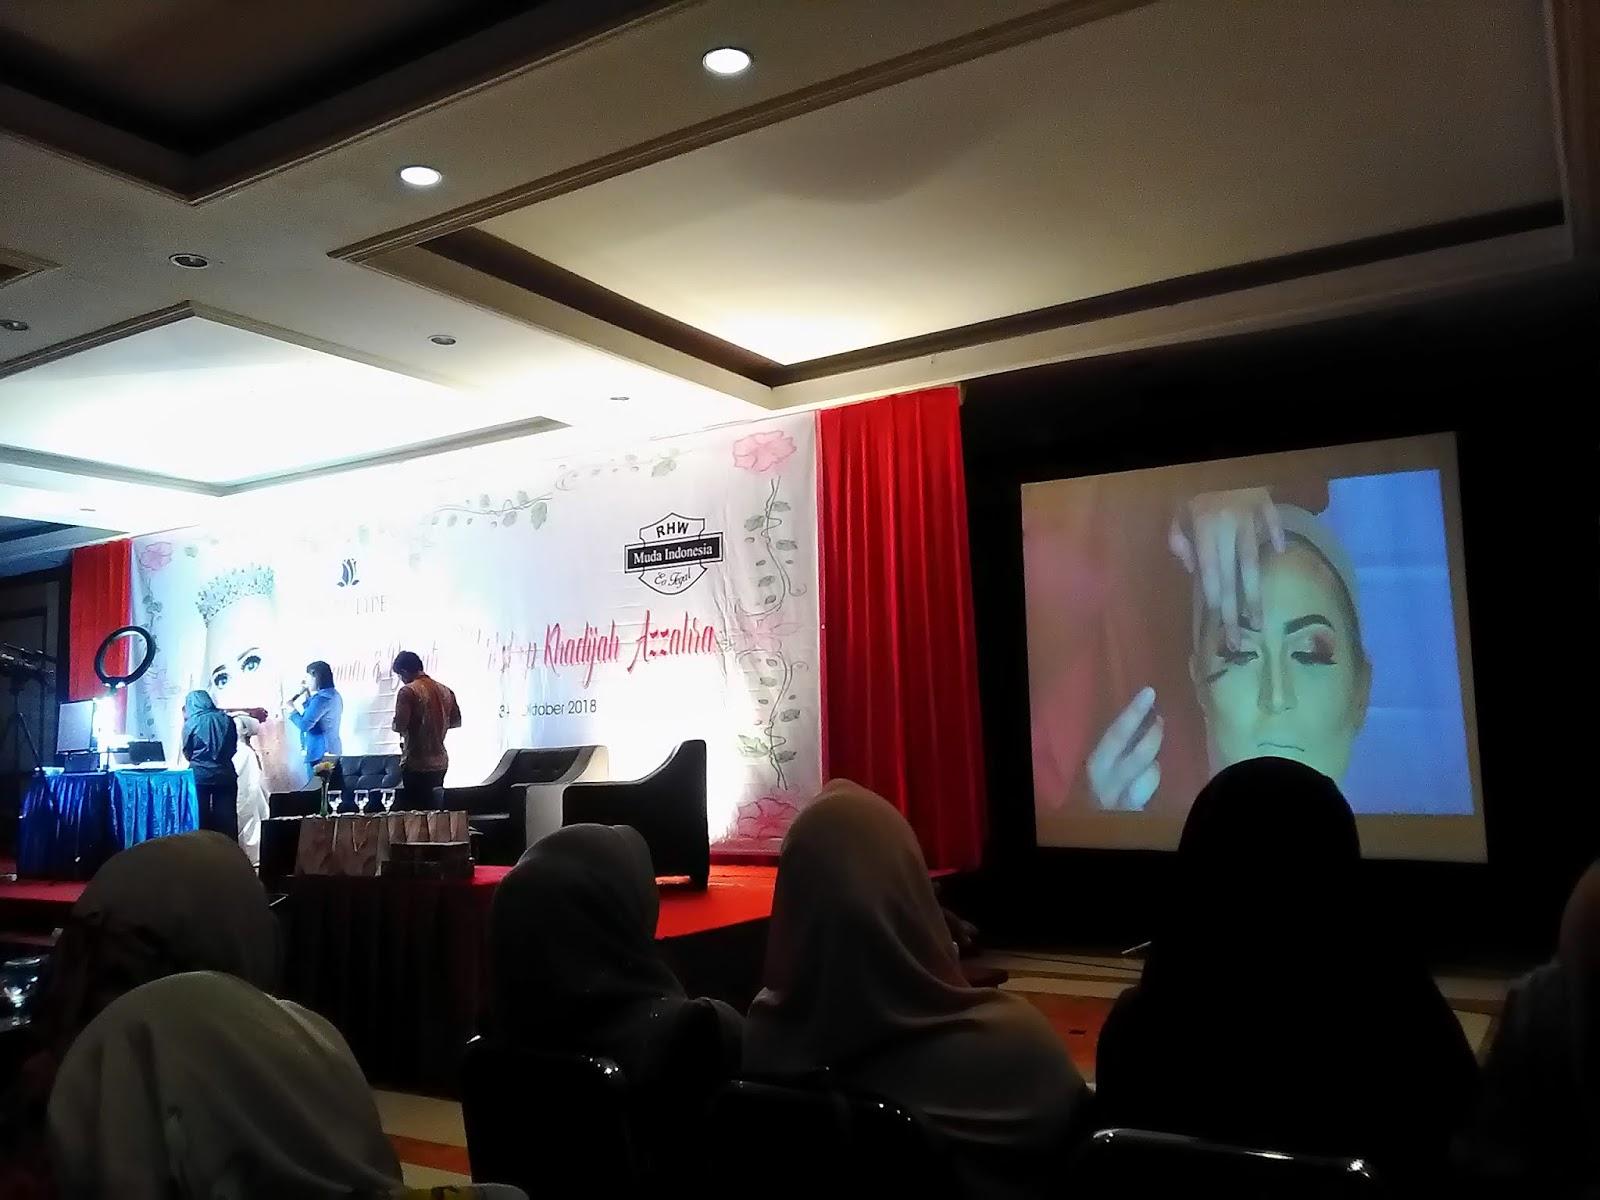 seminar di kota kecil khadijah azzahra